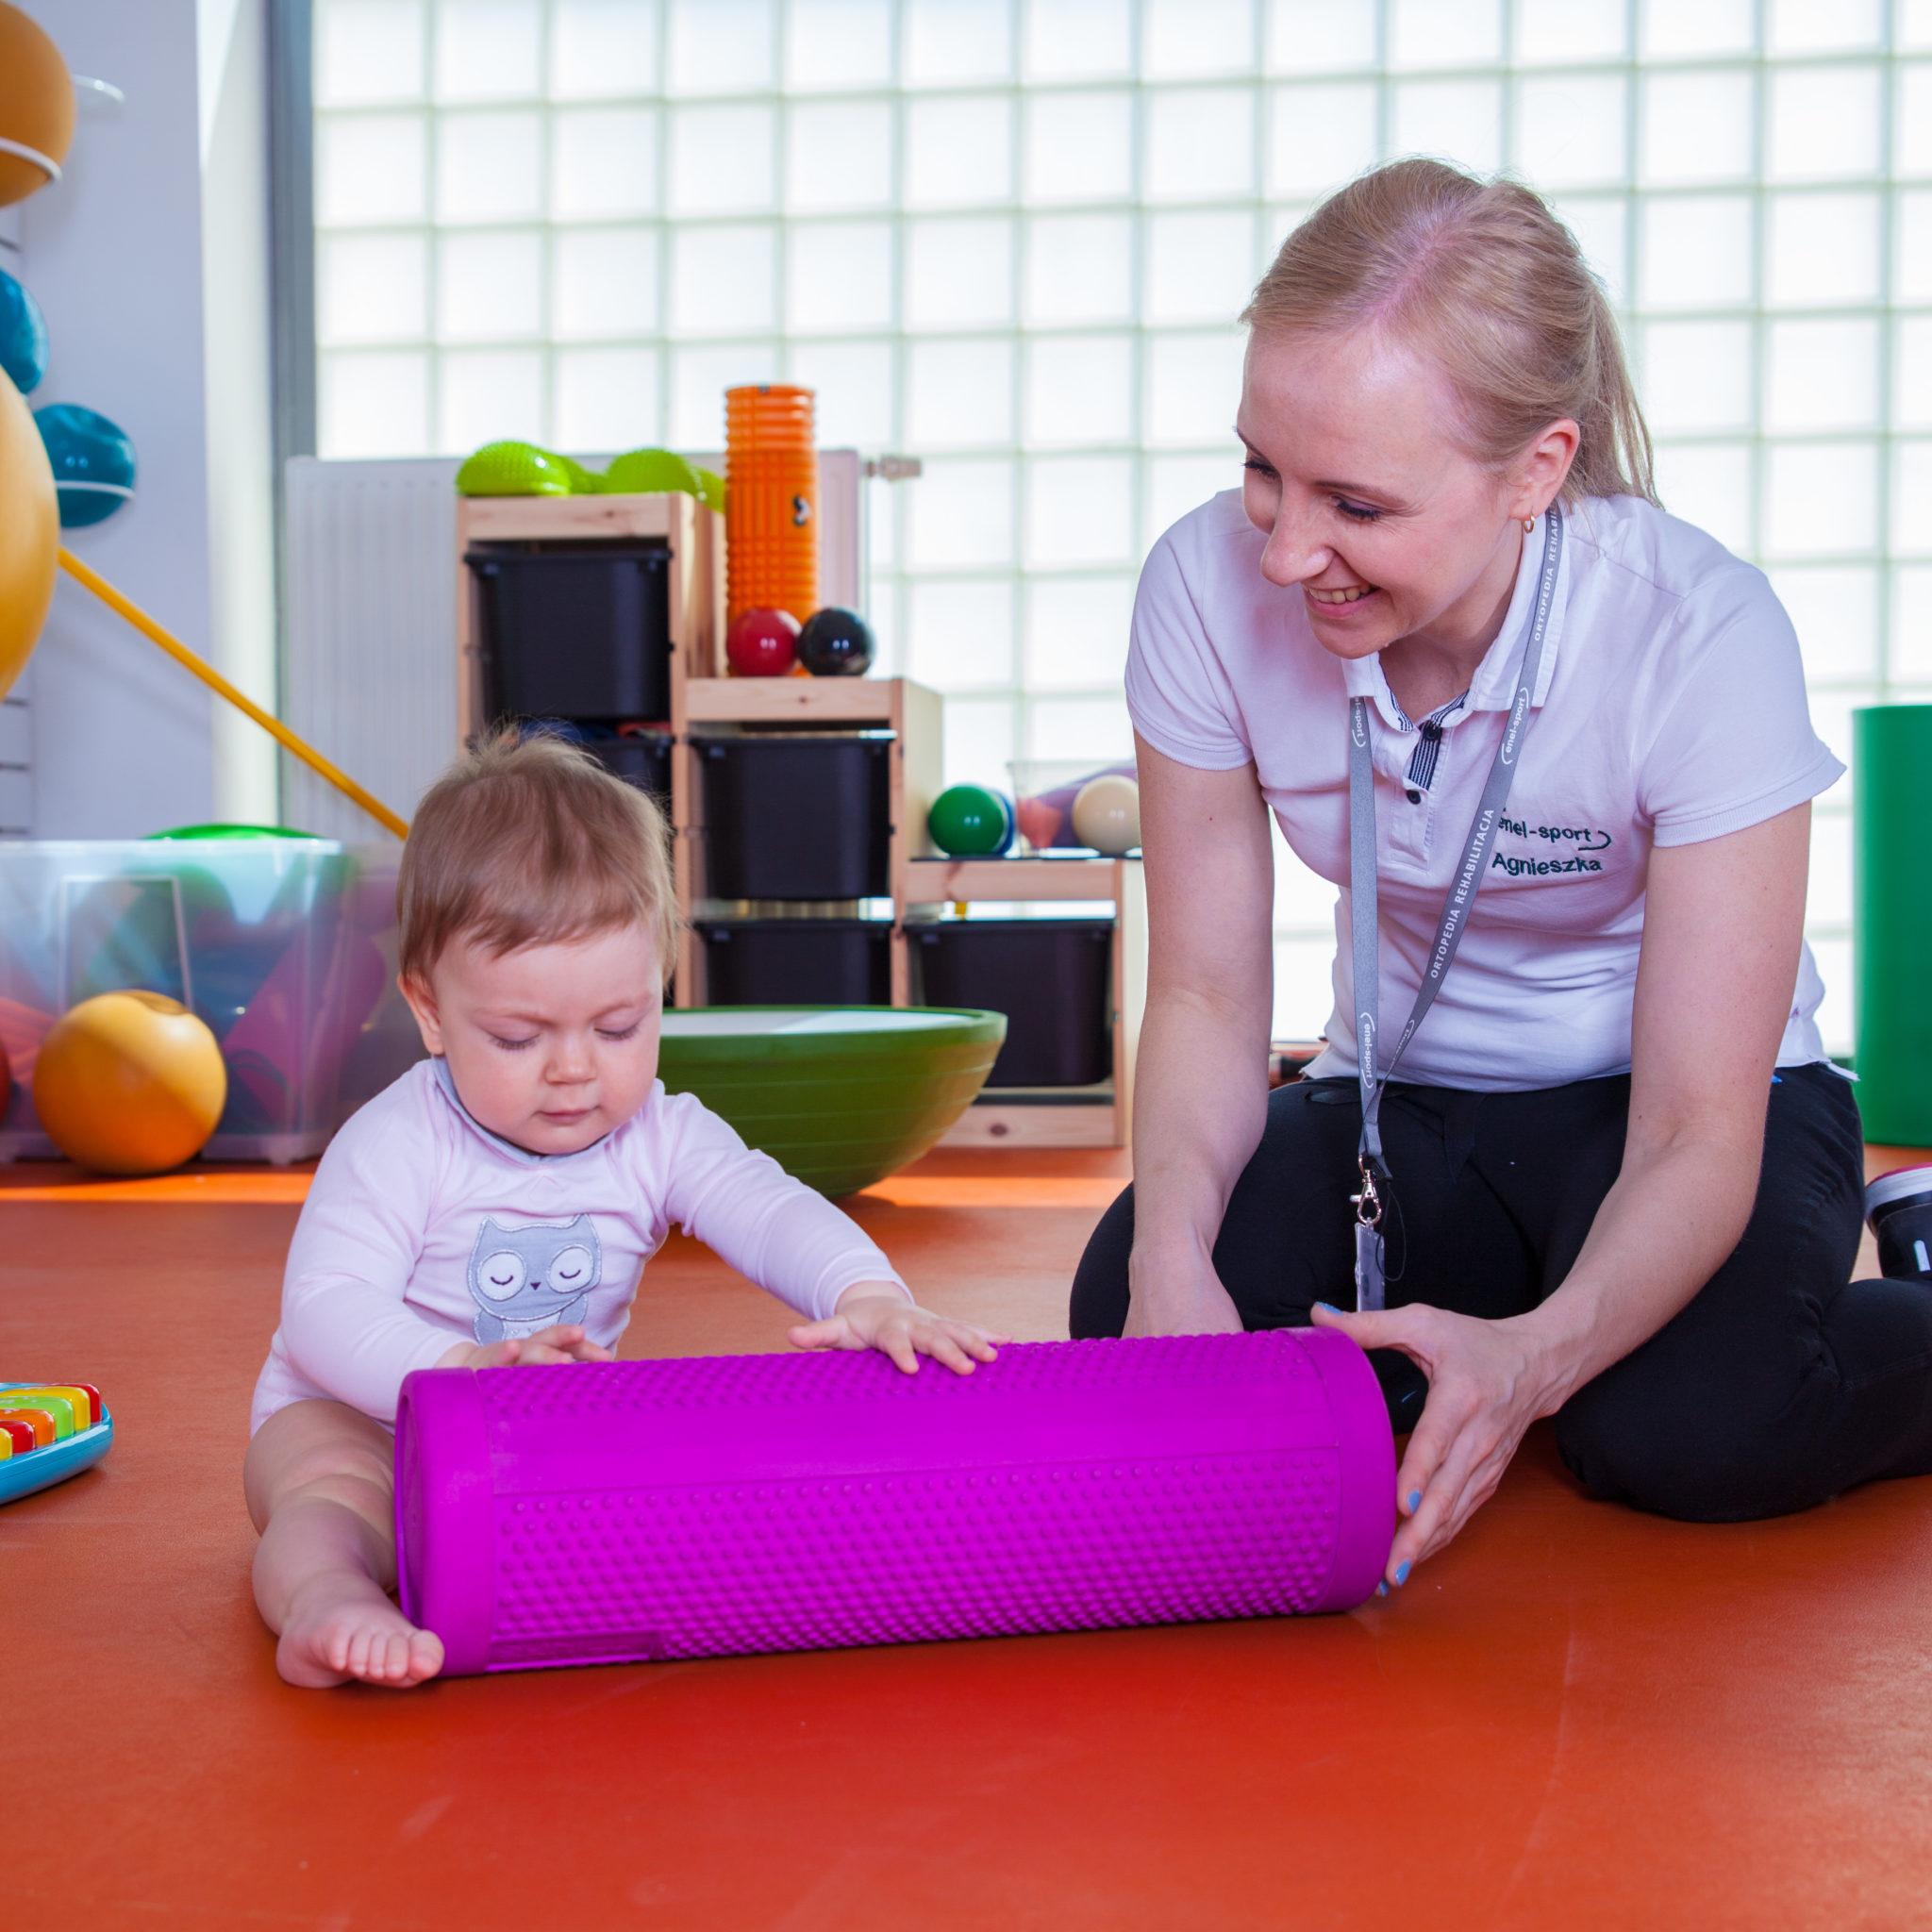 Kiedy należy rozważyć rehabilitację neurologiczną dziecka? Poradnik dla rodziców